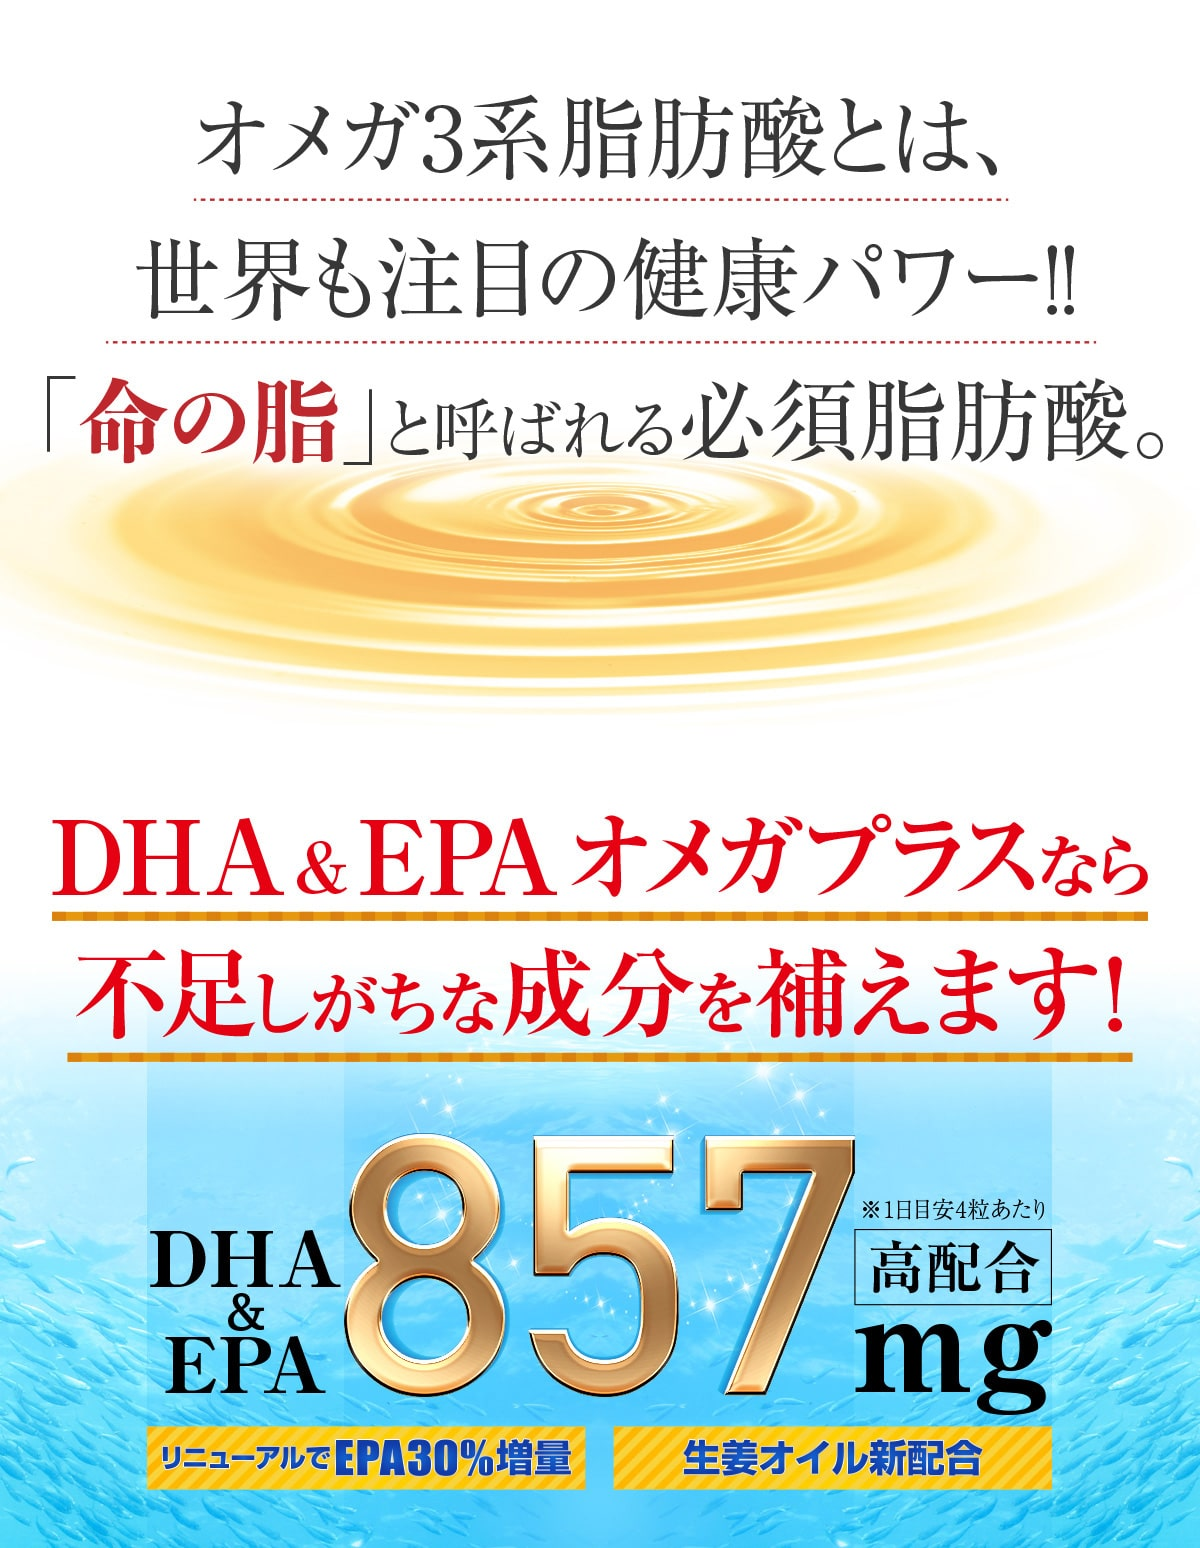 オメガ3系脂肪酸とは、世界も注目の健康パワー!!